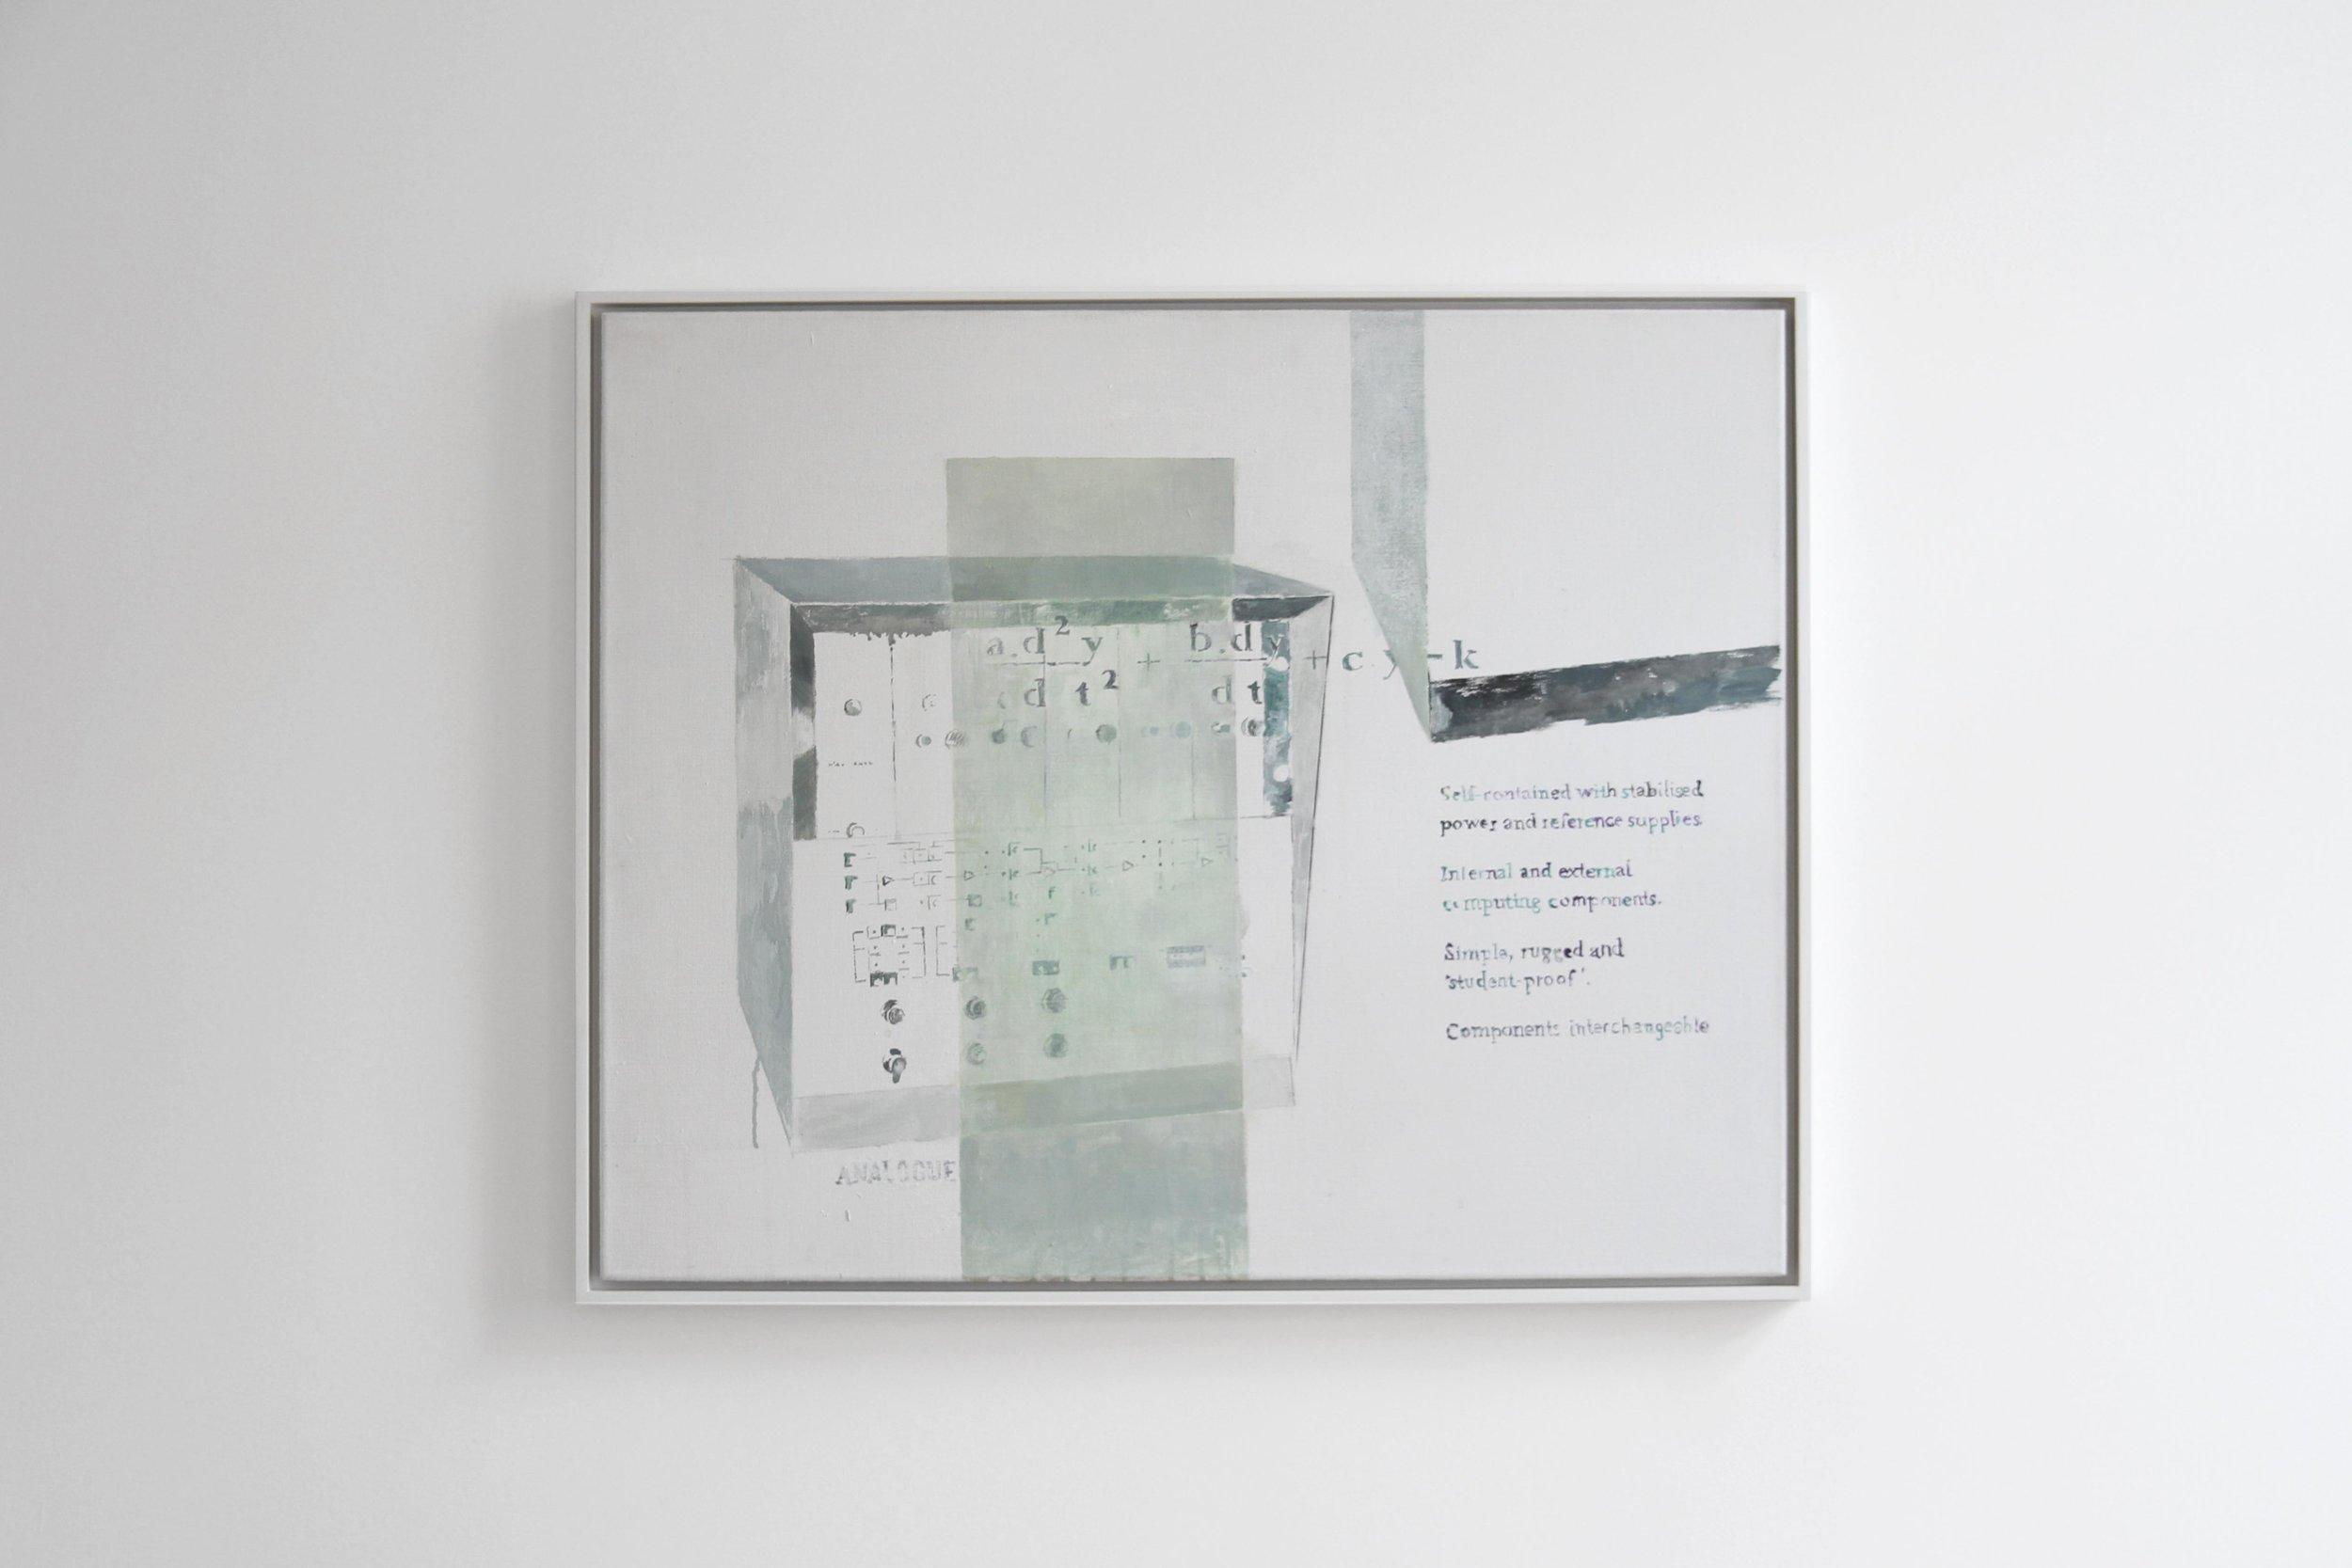 Agnes Fuchs, ANALOGUE TUTOR TY 963/02, 2013, Acrylic on canvas, 90 x 75 cm